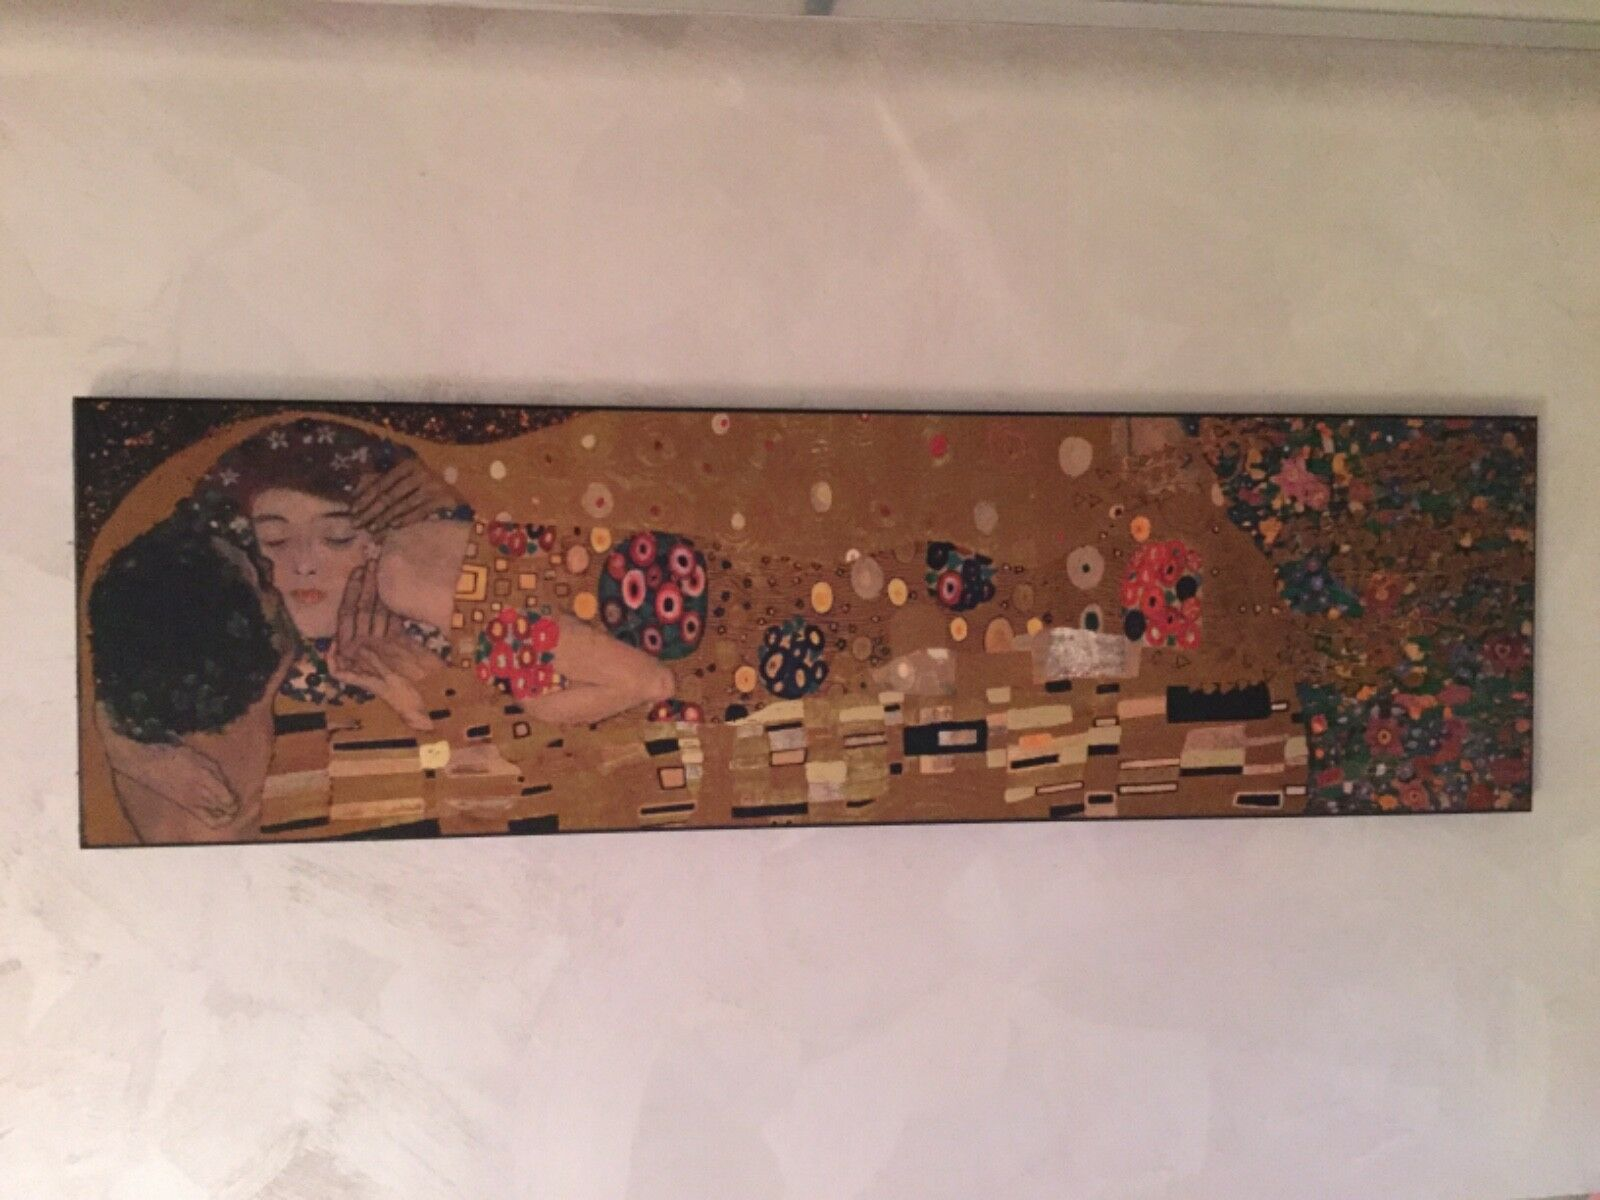 Il bacio Dipinto di Gustav Klimt quadro arrotamento casa splendido